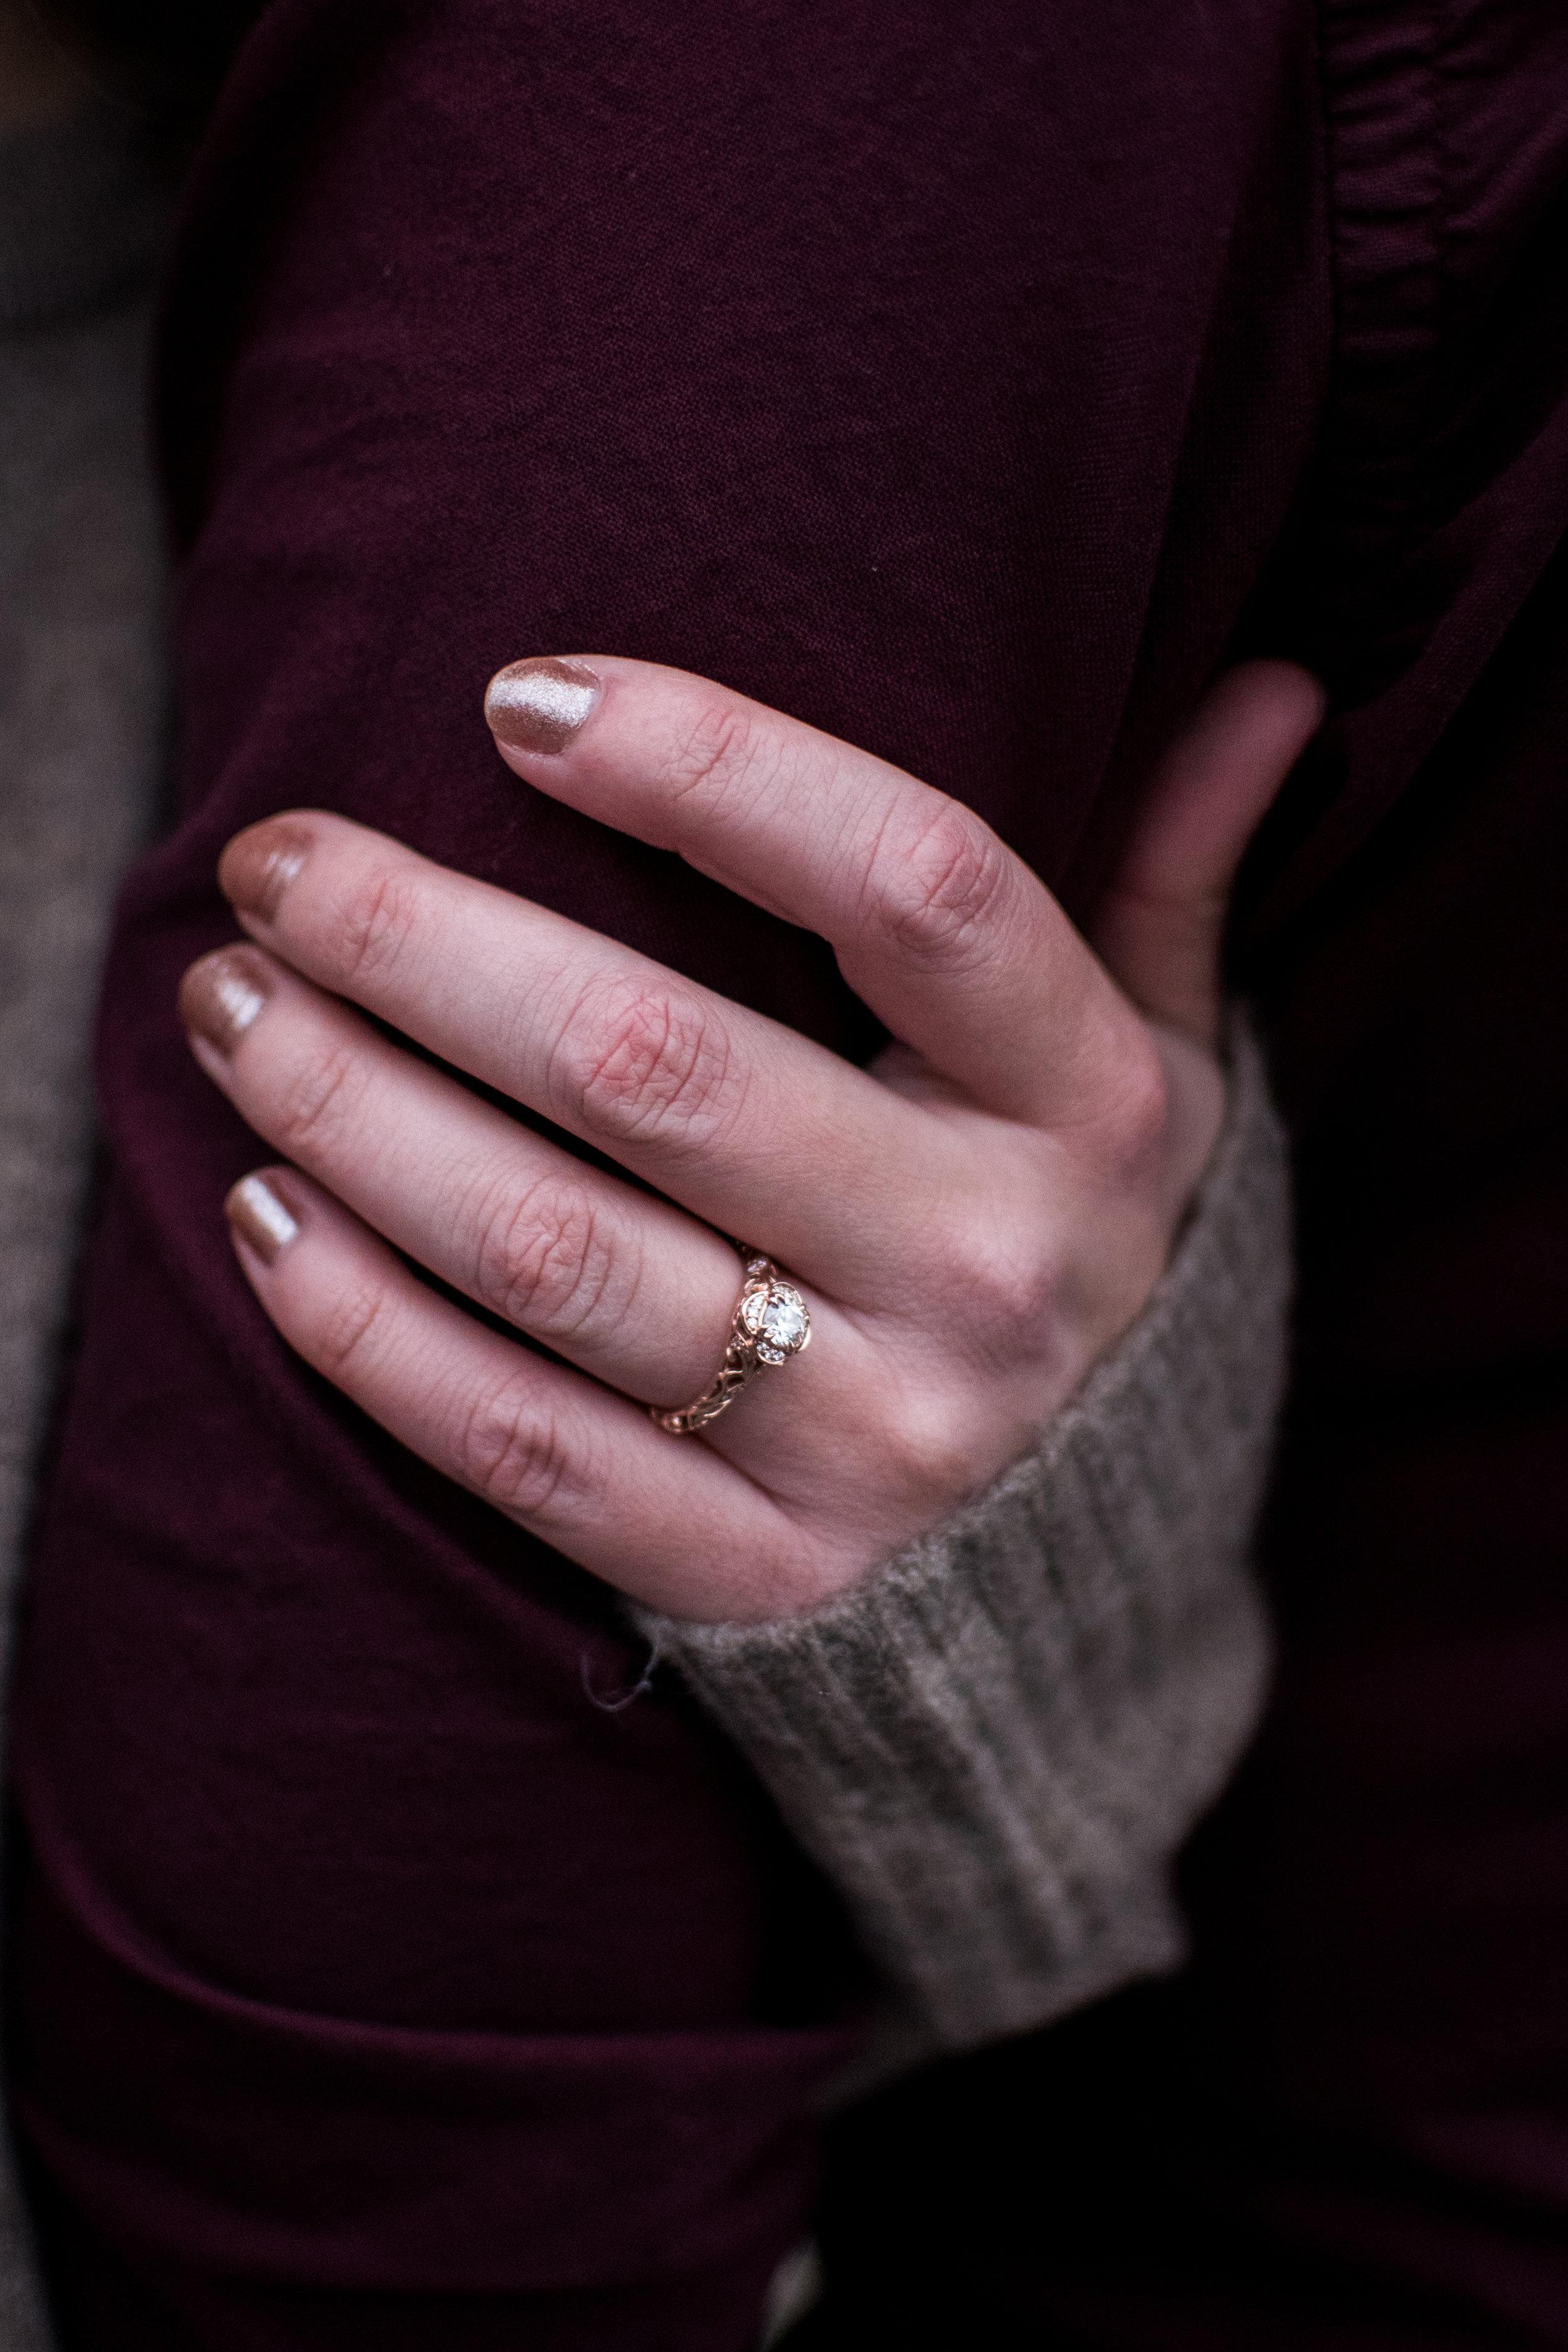 Kyla Jo Photography // Indianapolis Indiana Photographer // Indianapolis Art Musueam // IMA // Engagement Photographer // Midwest Photographer // Muncie Indiana Based Photographer // Ring Photos